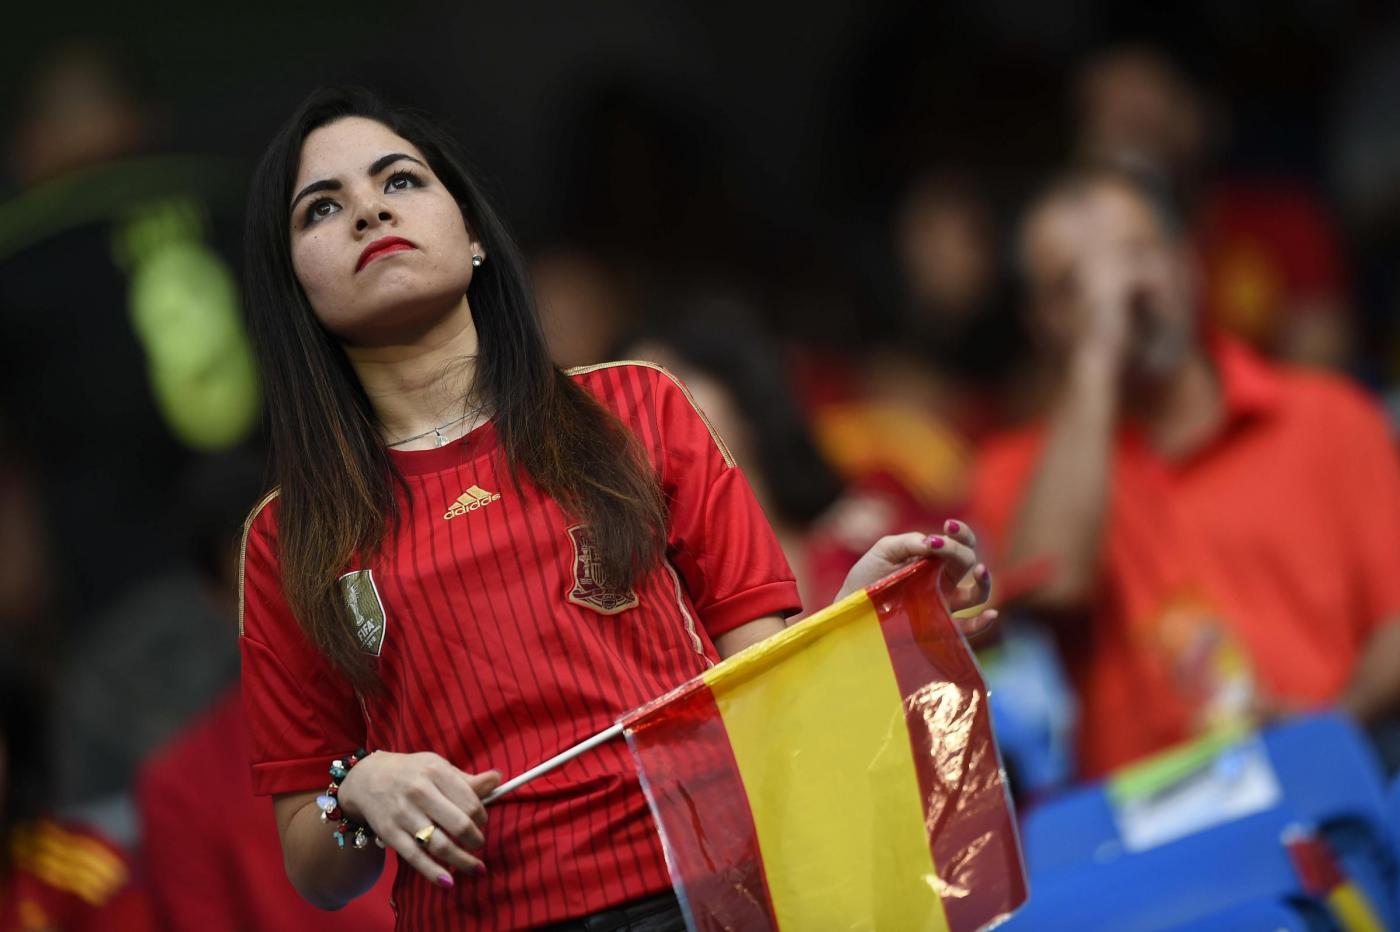 Cartagena-UD Logrones 12 settembre: si gioca per i 64 esimi di finale della Coppa di Spagna. Chi andrà avanti nel torneo?